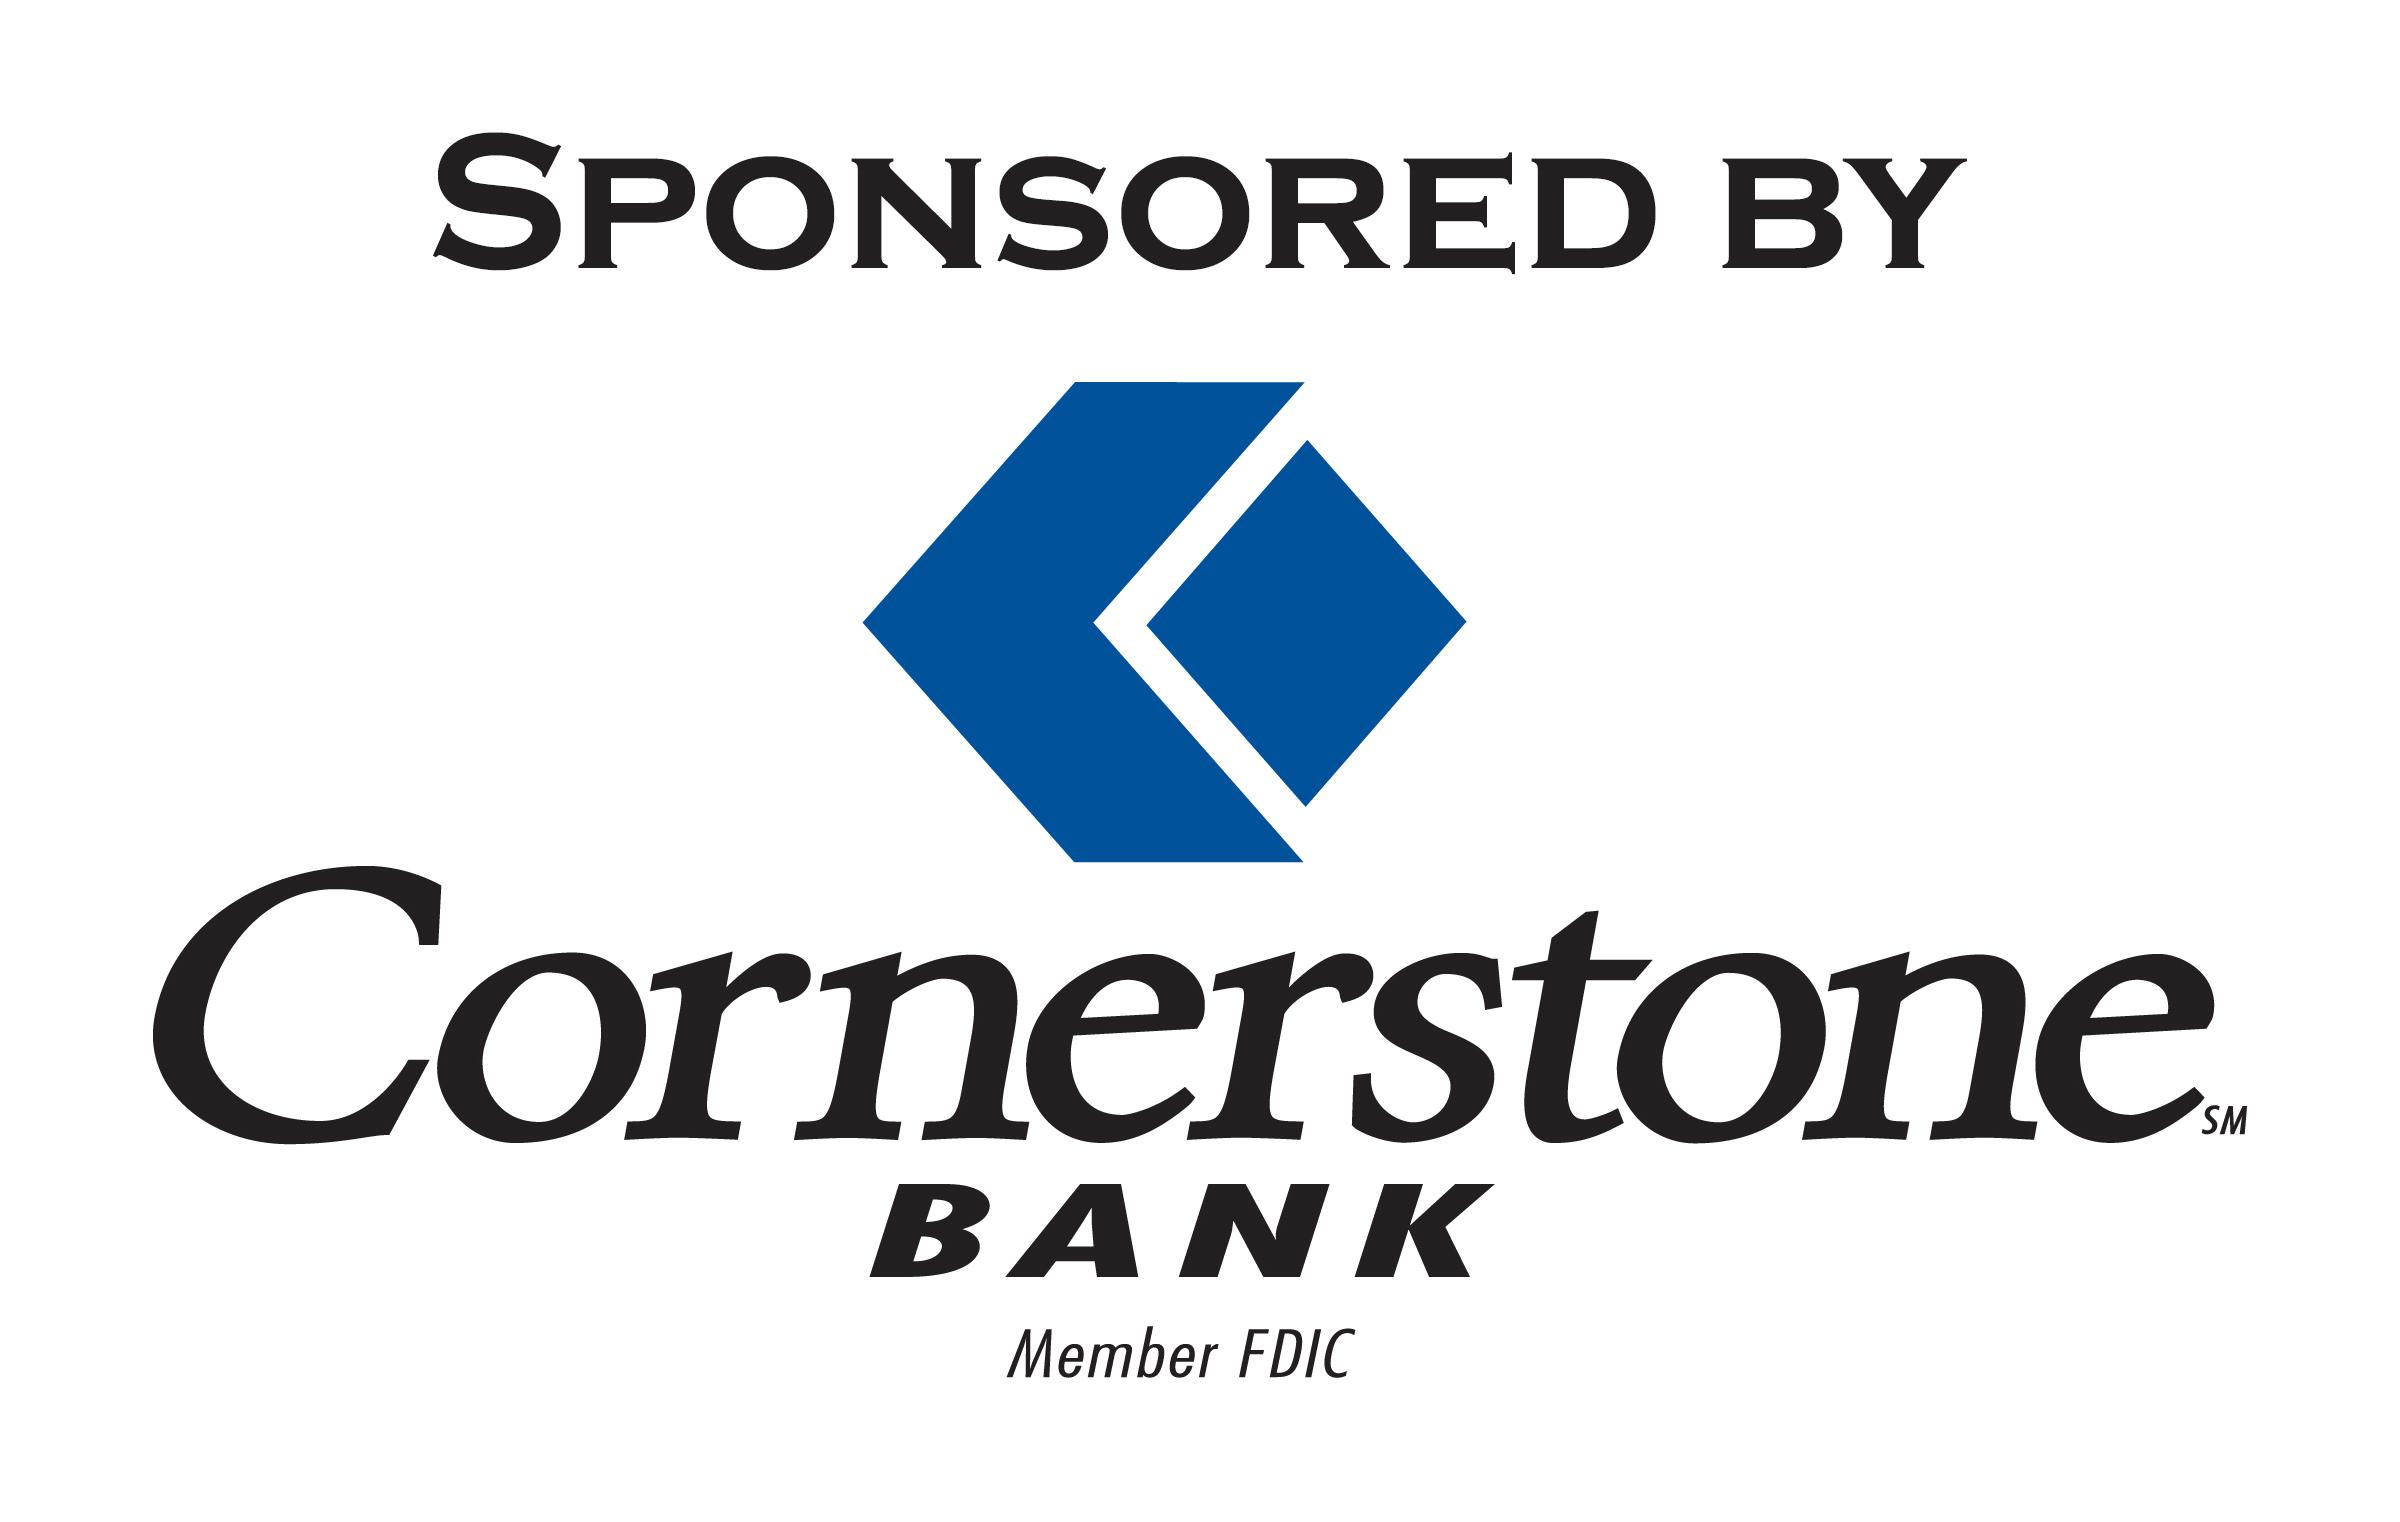 cornerstone sb.jpg